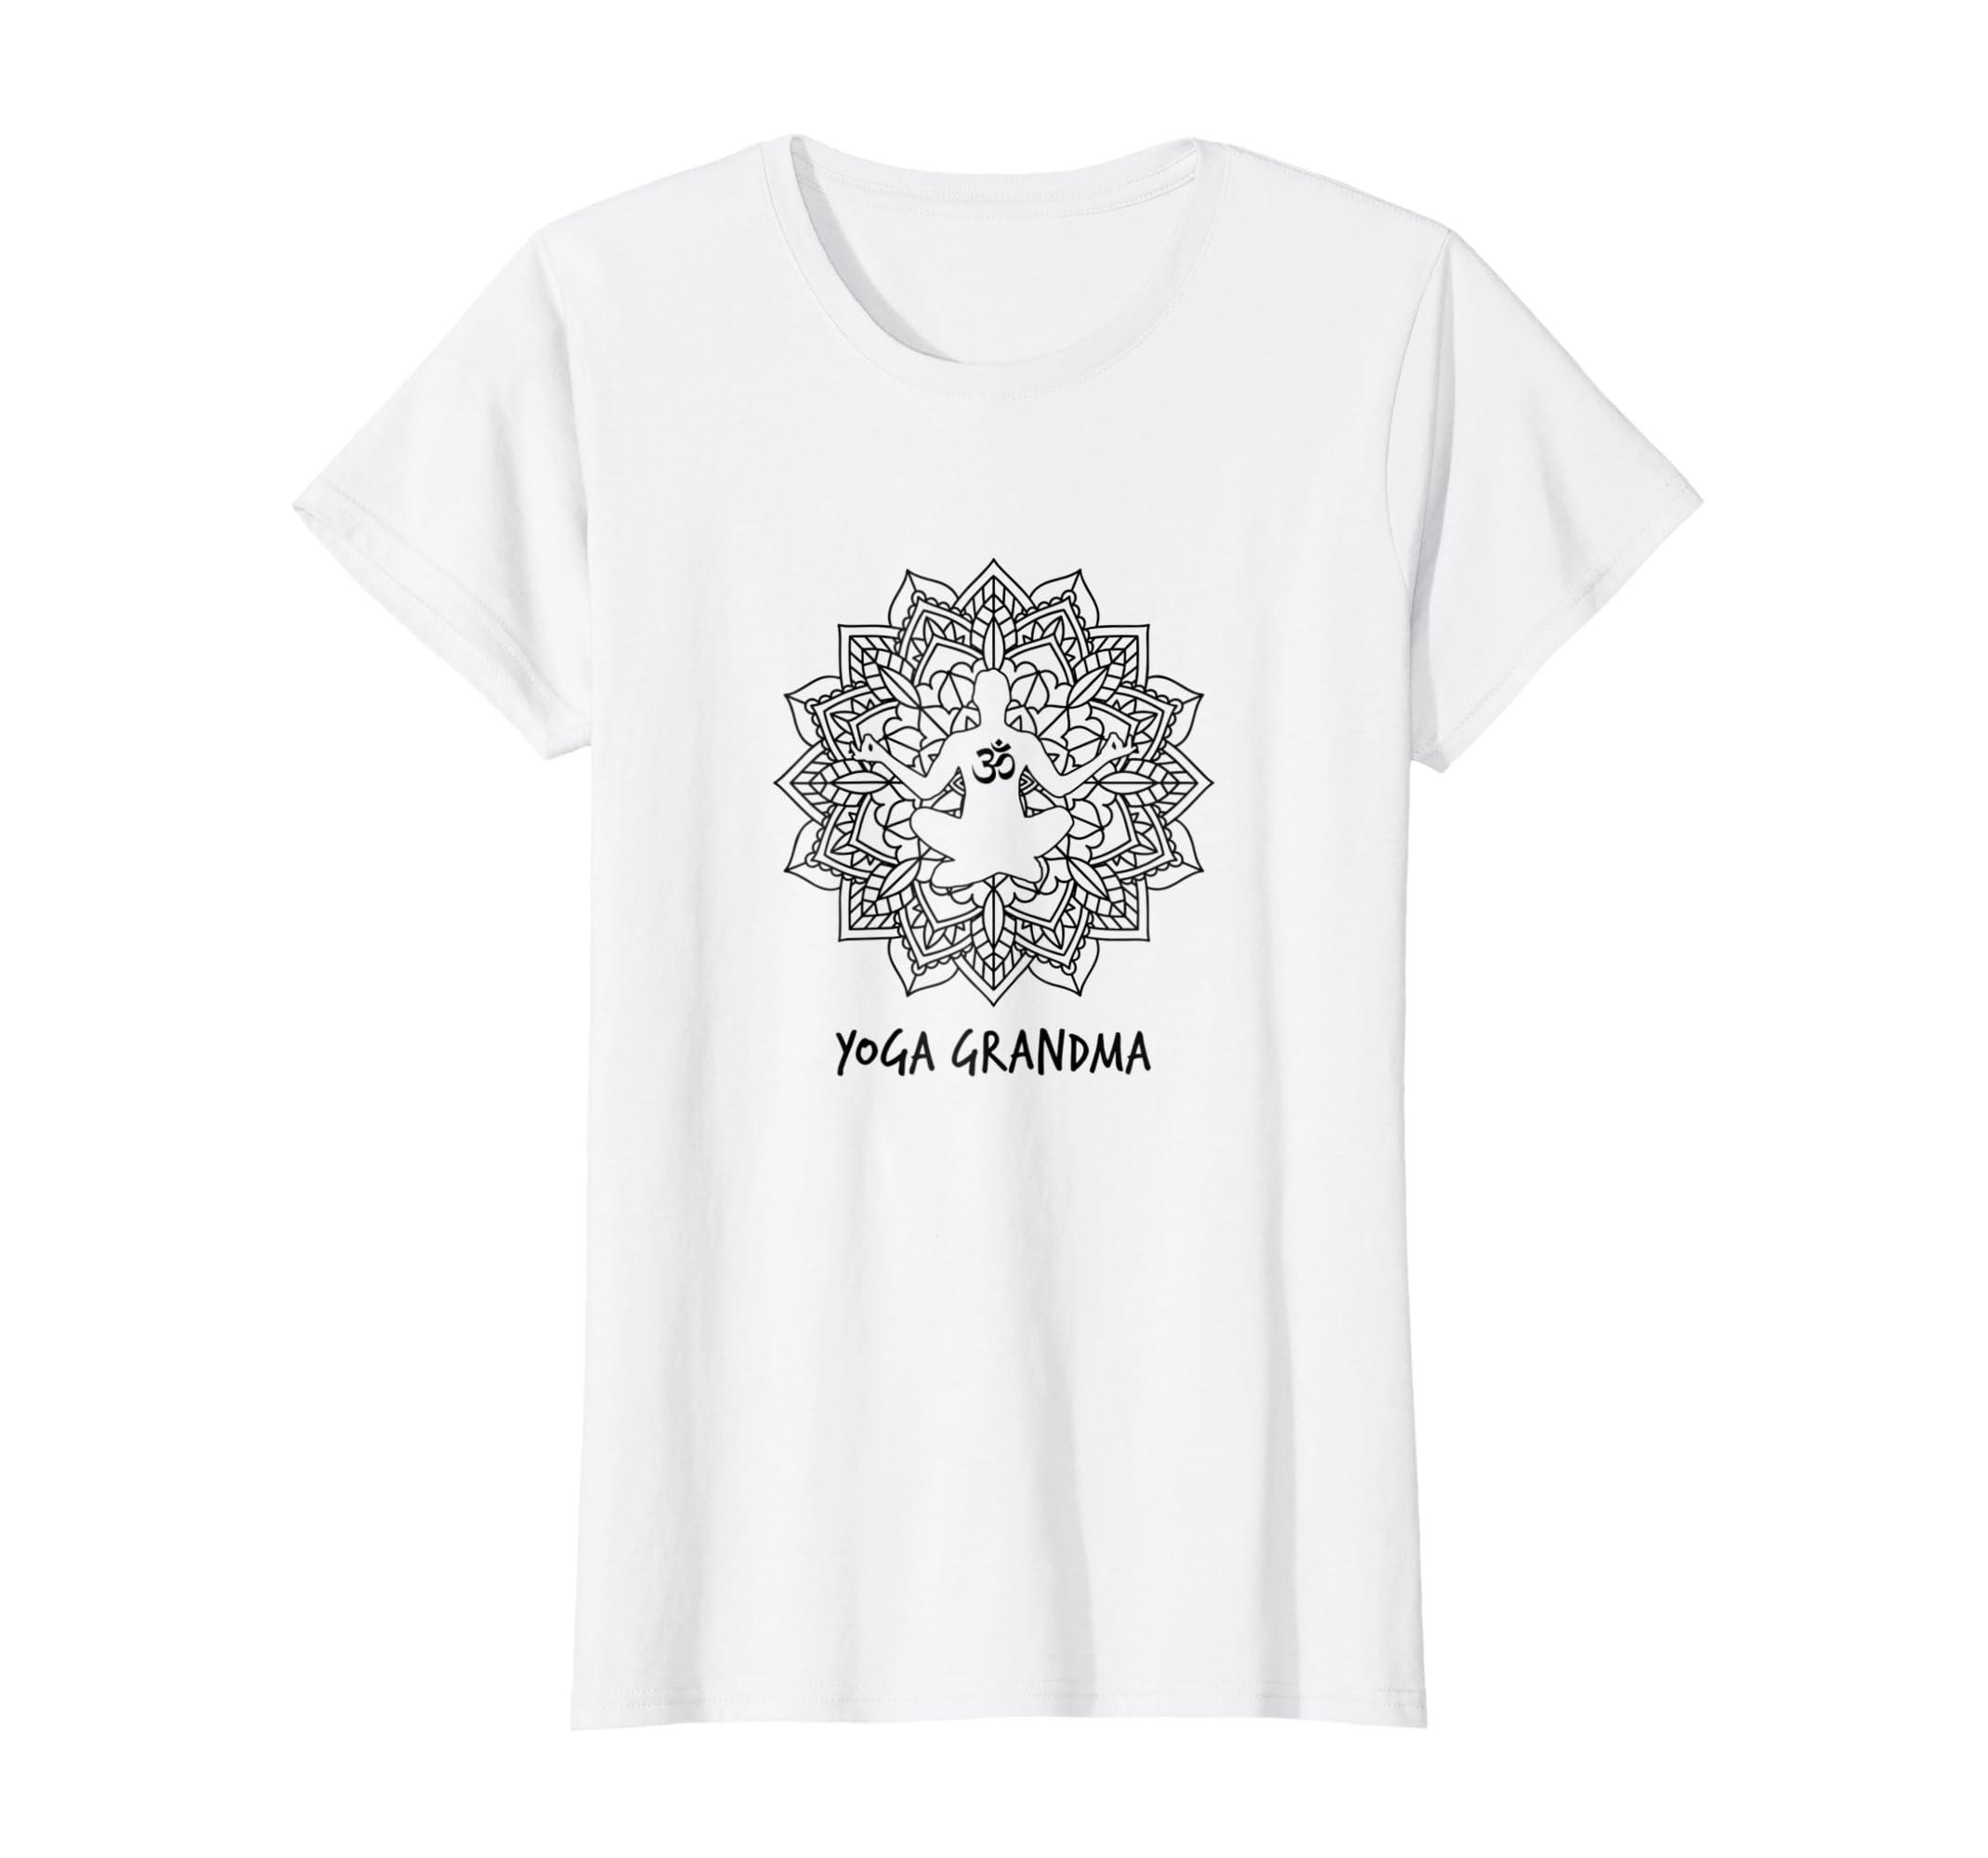 Amazon.com: Womens Yoga Grandma - Funny Yoga Gift T-Shirt ...